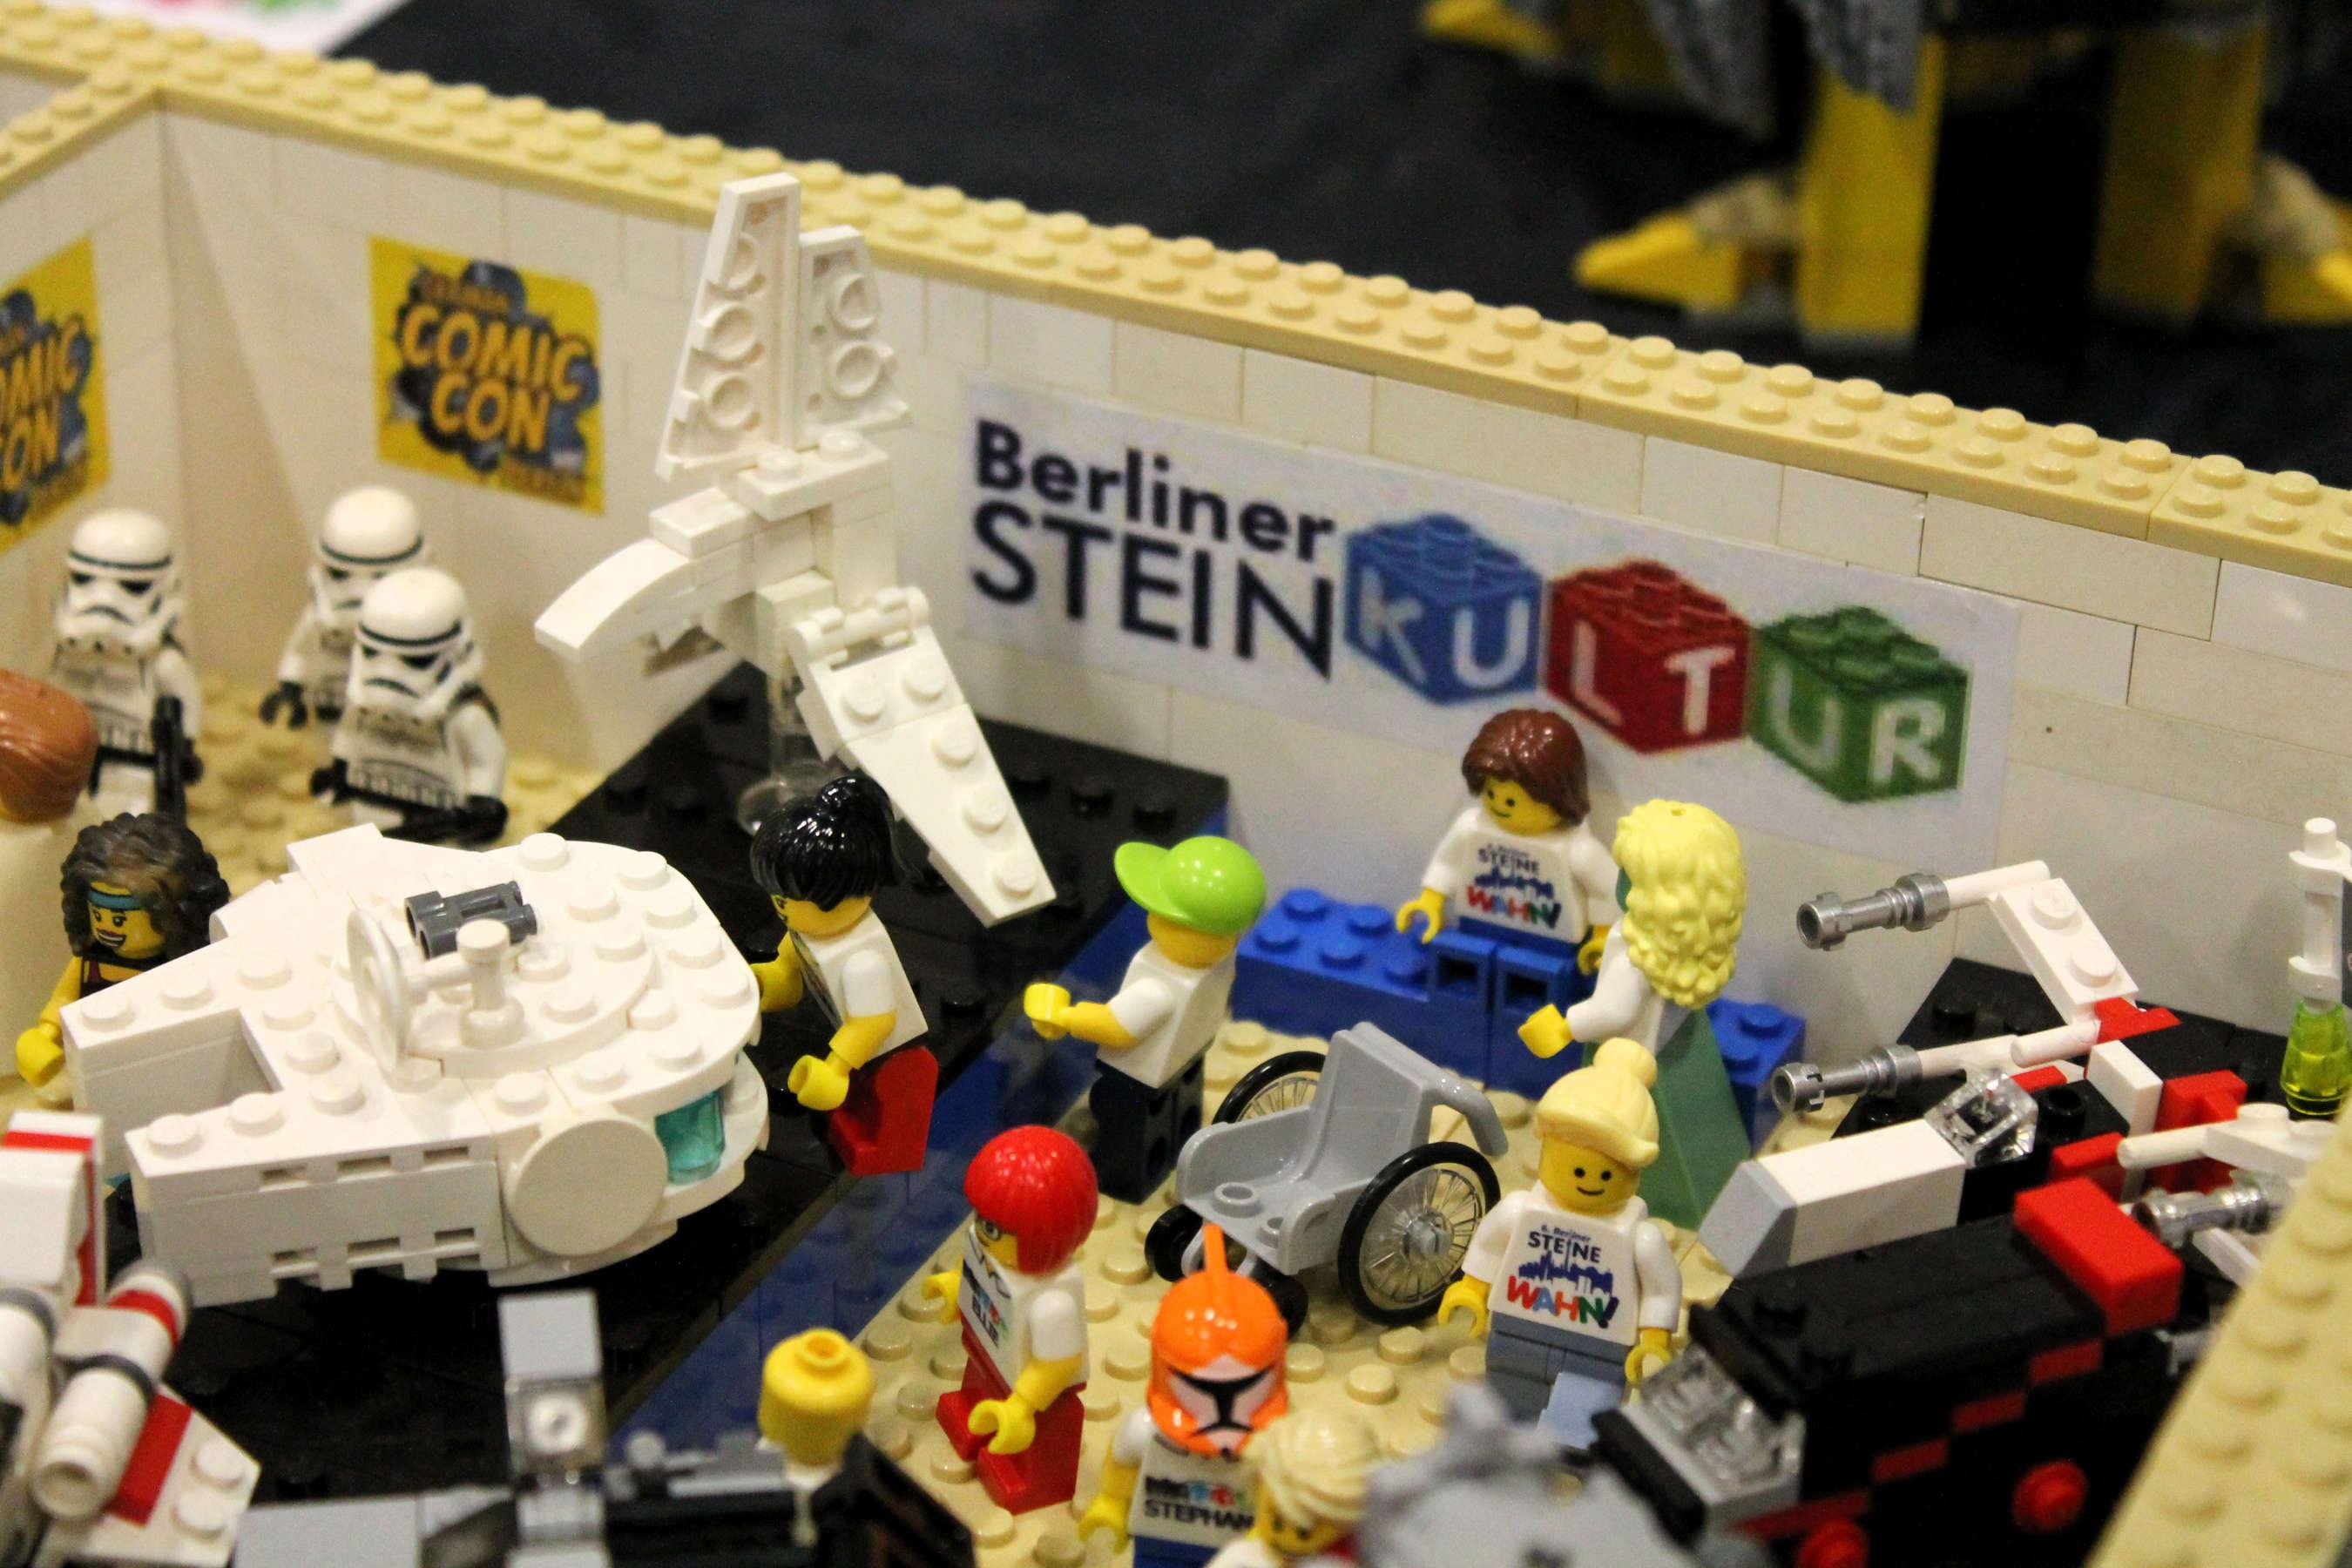 Auch In Diesem Jahr Waren Wir Wieder Zu Gast Auf Der ComicCon Dem Berliner Messegelande Neben Unserem SteineWAHN Mosaik Hatten Unsere Eigene